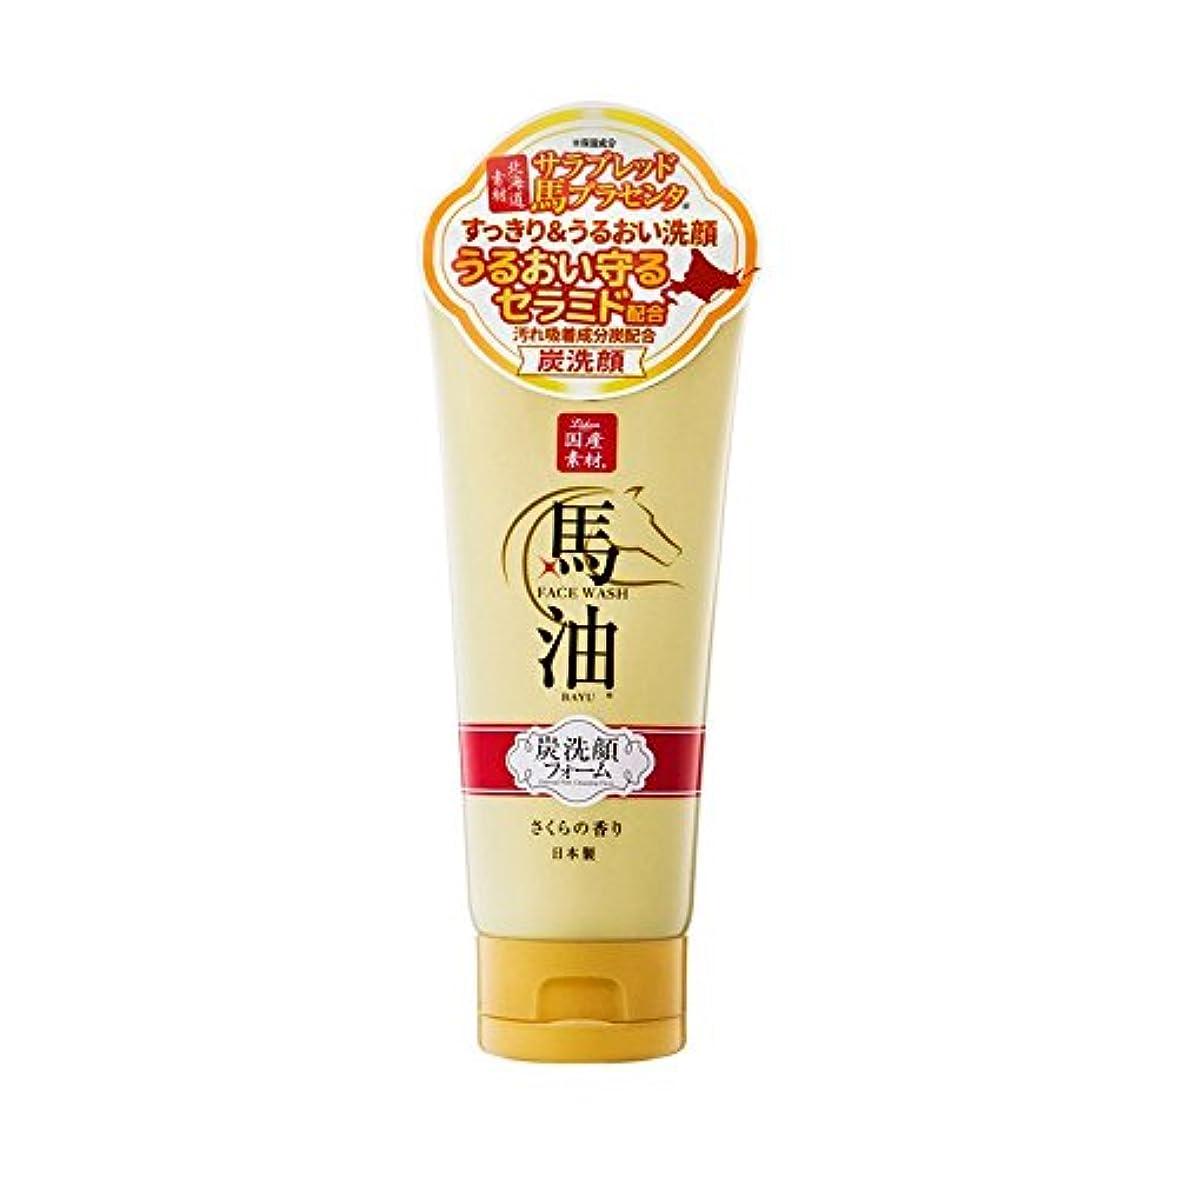 折裸汚染するリシャン 馬油&炭洗顔フォーム(さくらの香り)(内容量130g)